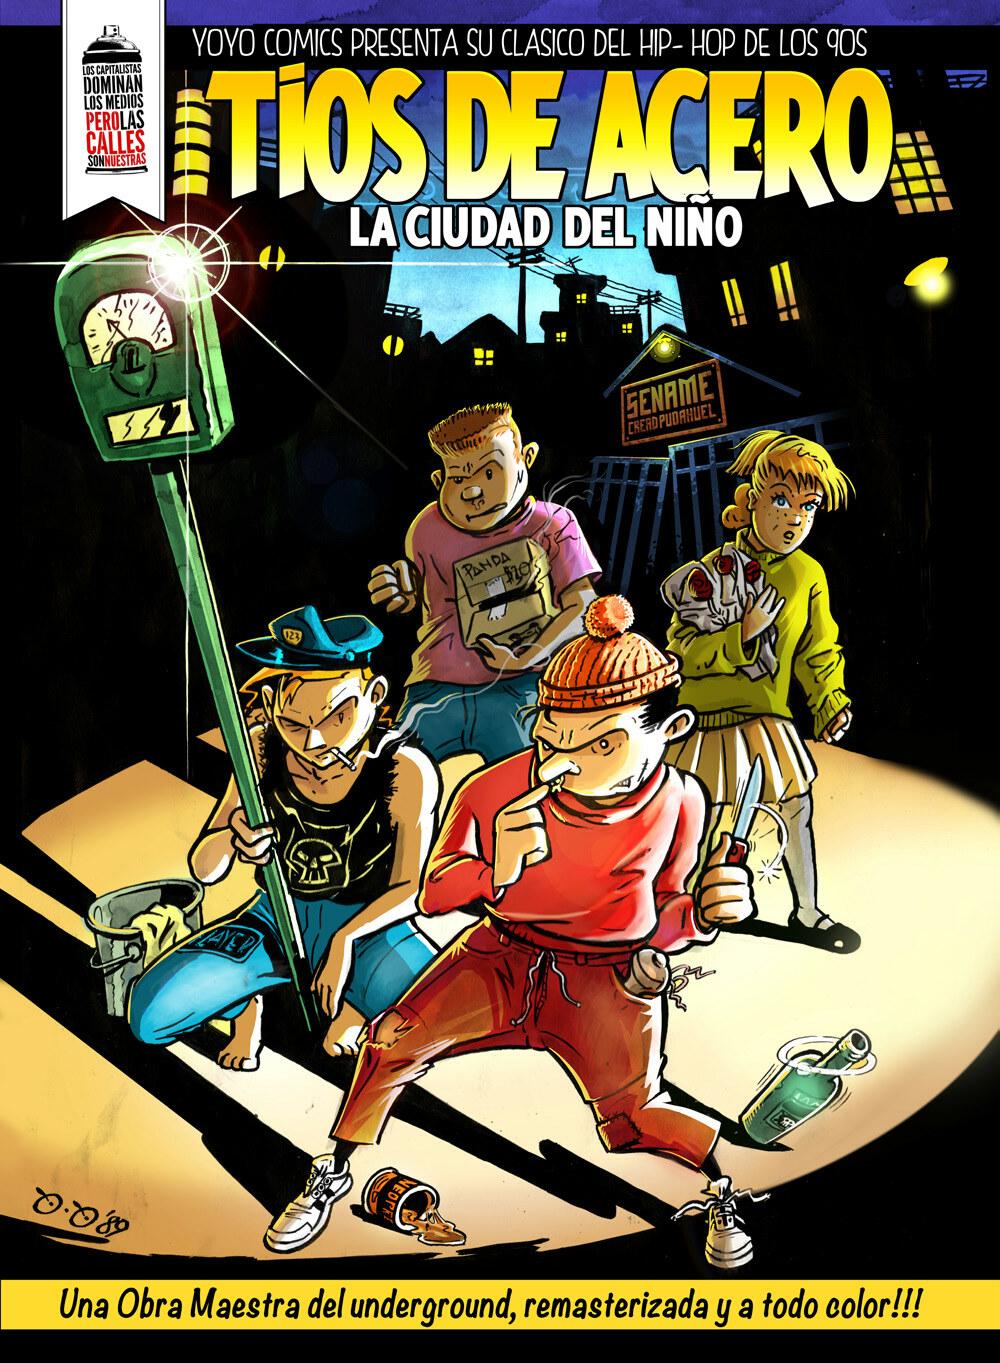 Page 1 of COMIC TIOS DE ACERO REMASTERIZADO